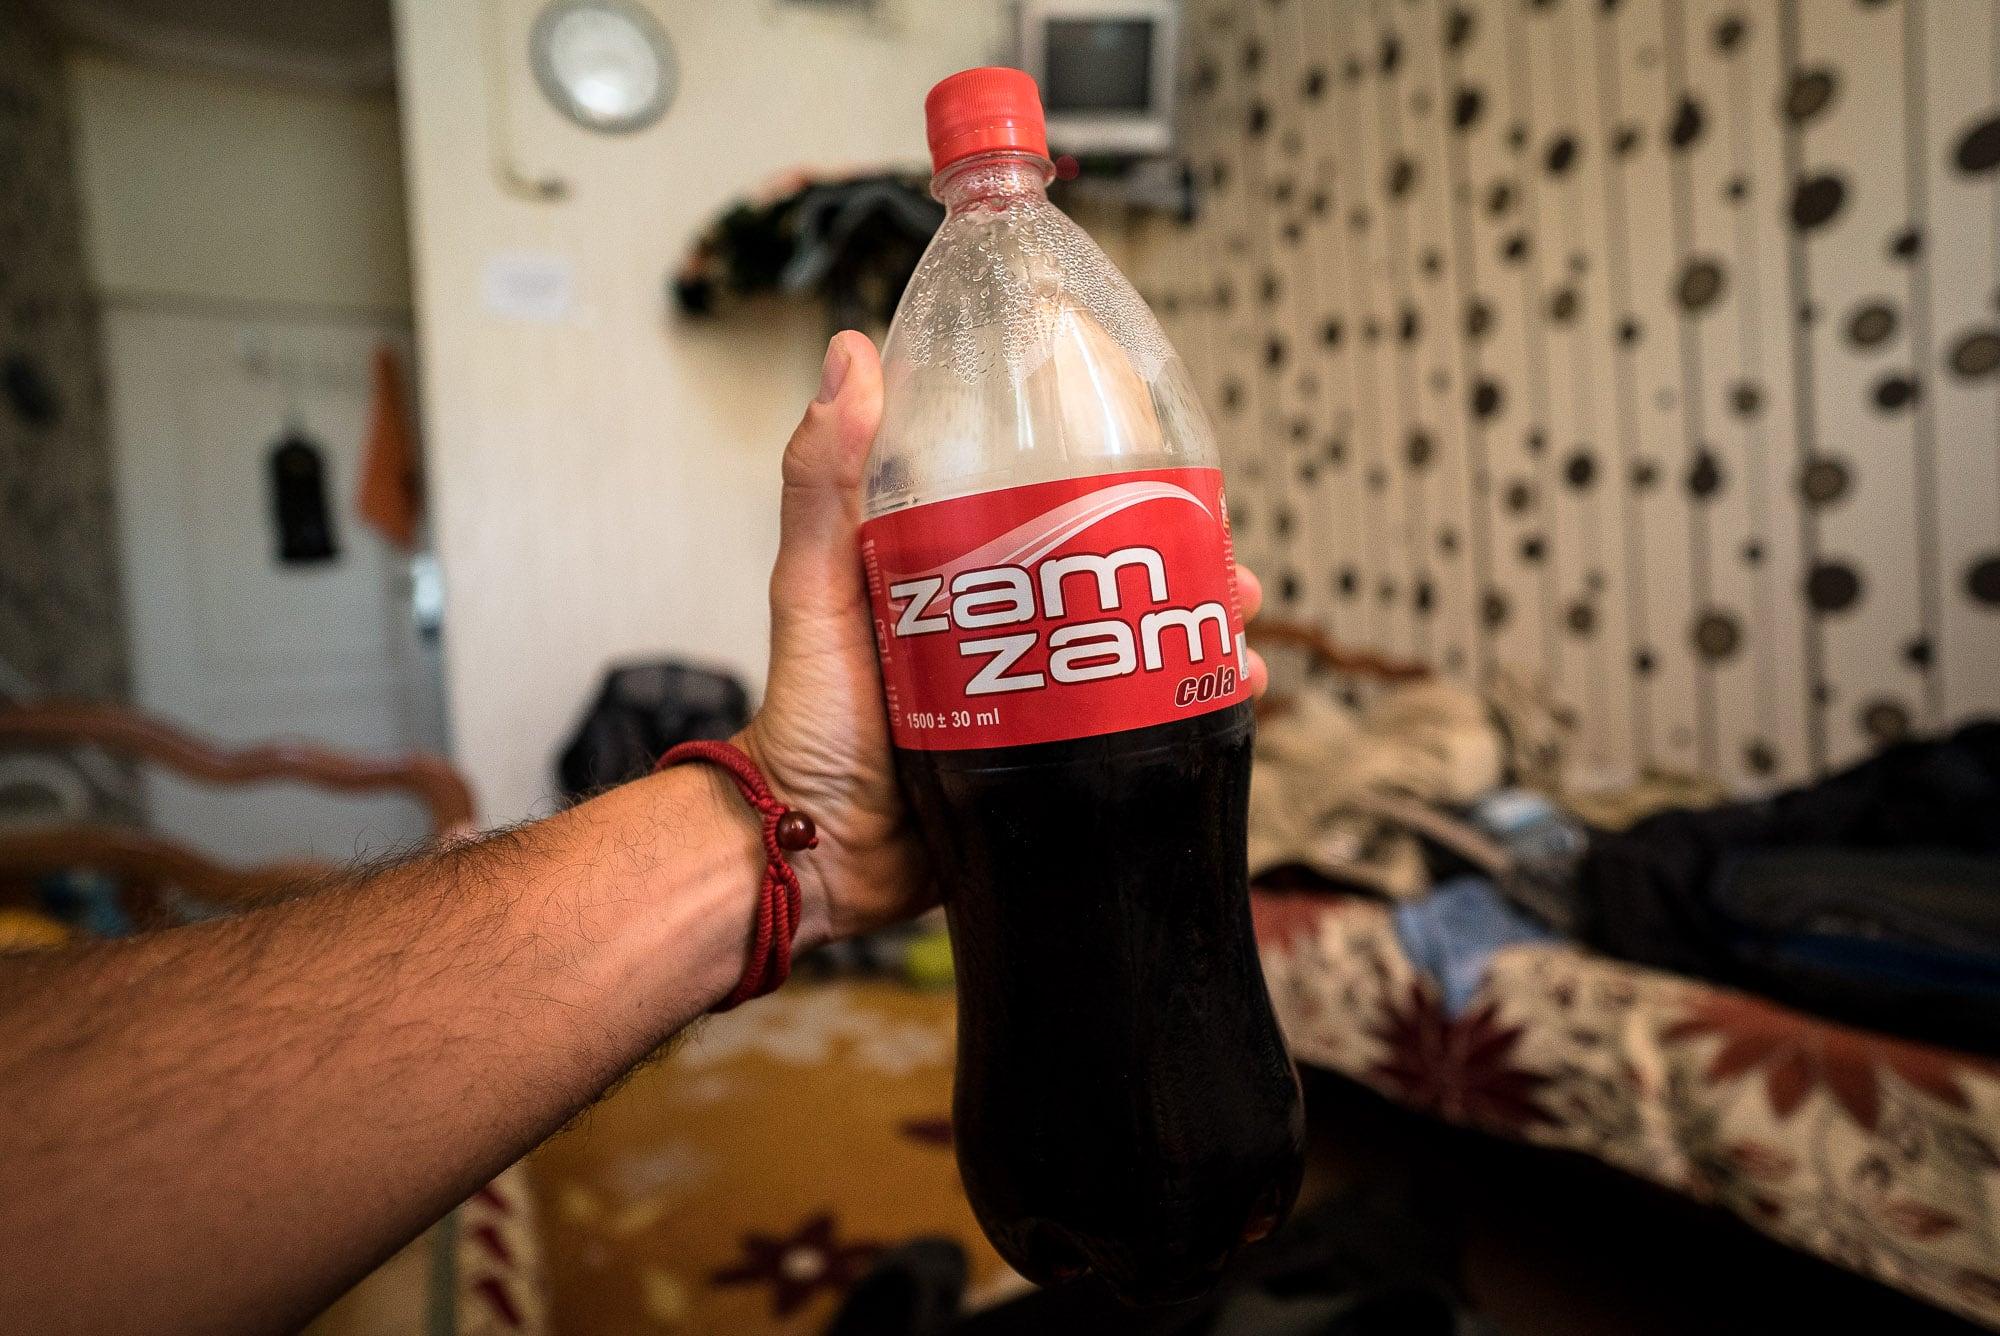 Zamzam Cola